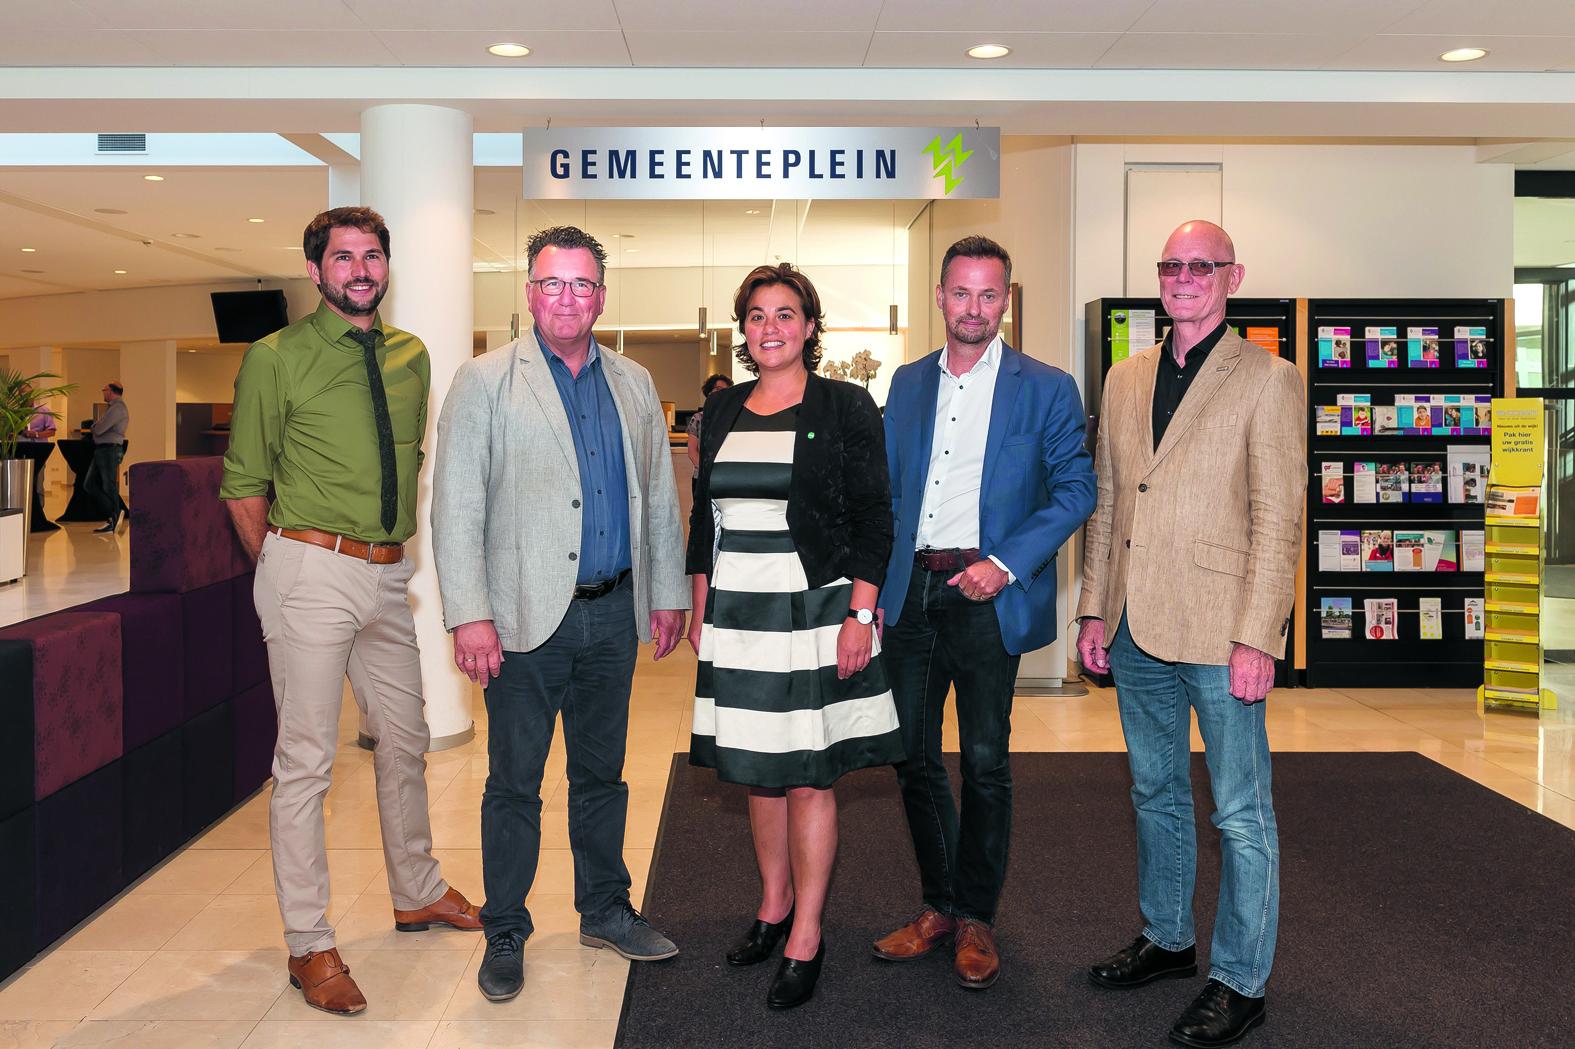 Samen met burgemeester Don Bijl gaan zij de stad de komende jaren besturen. Van links naar rechts: Thijs Kroese, Mario Hegger, Eveline Tijmstra, Paul van Meekeren en Harry Rotgans. (Foto: Han Giskes)